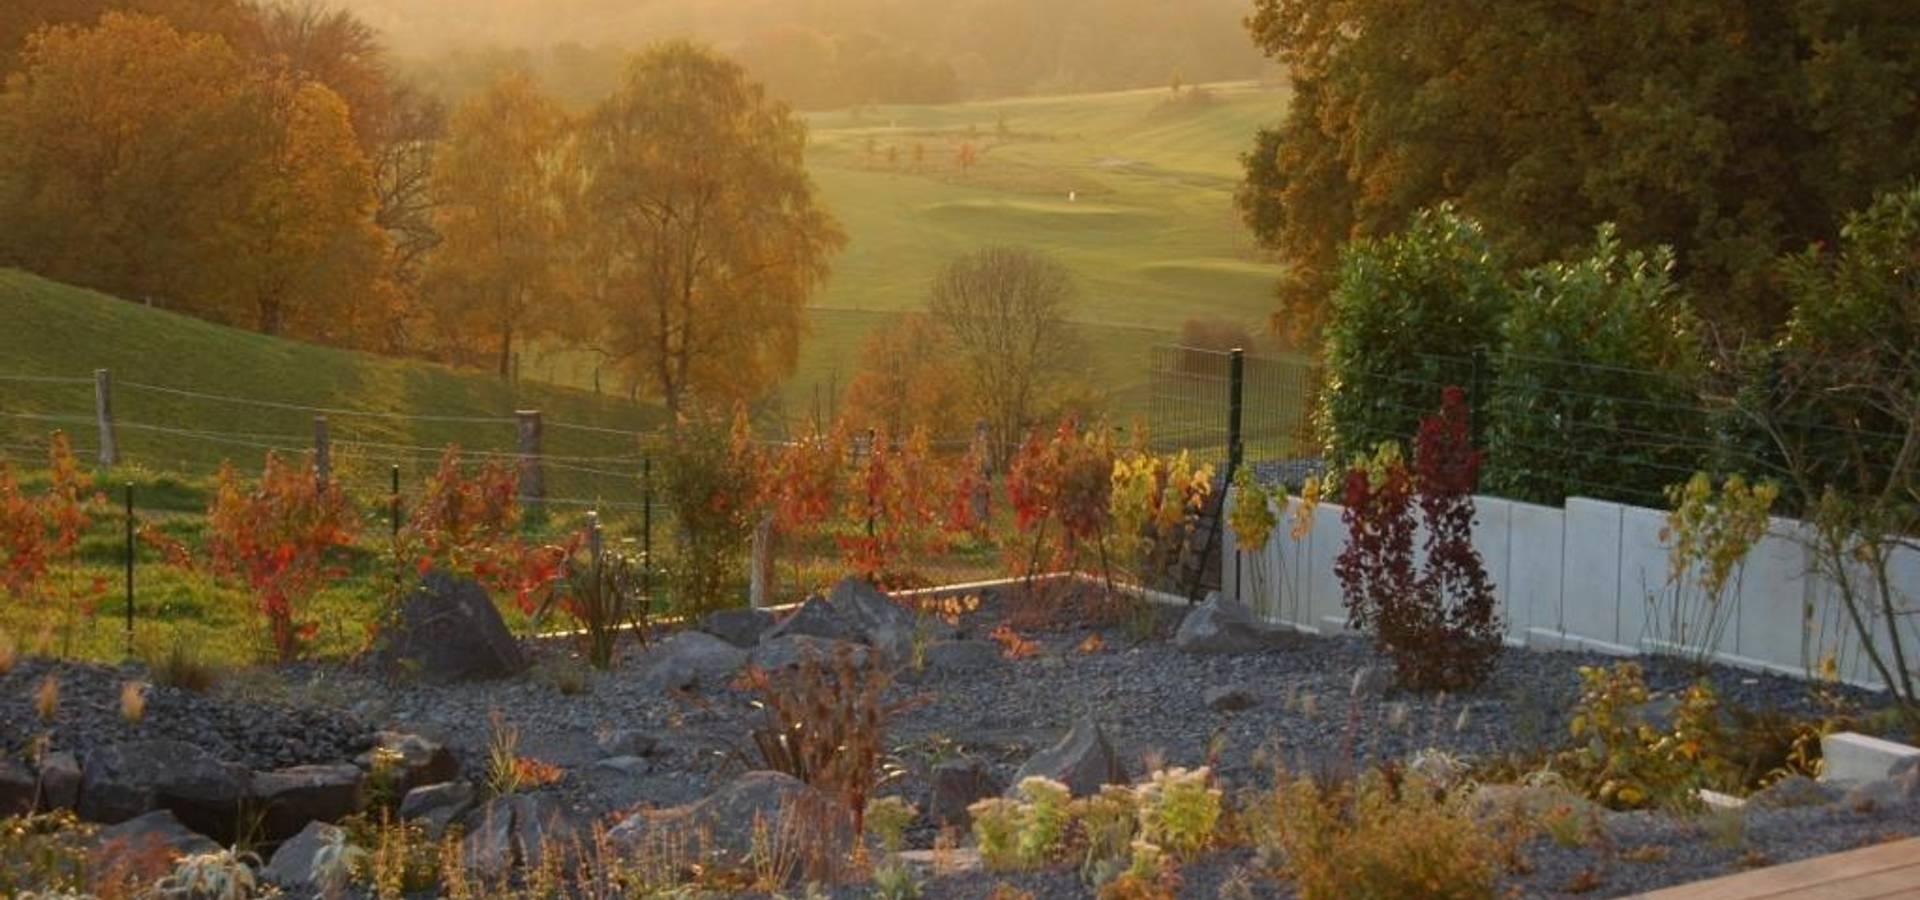 Crämer & Wollweber Garten- und Landschaftsbau GmbH